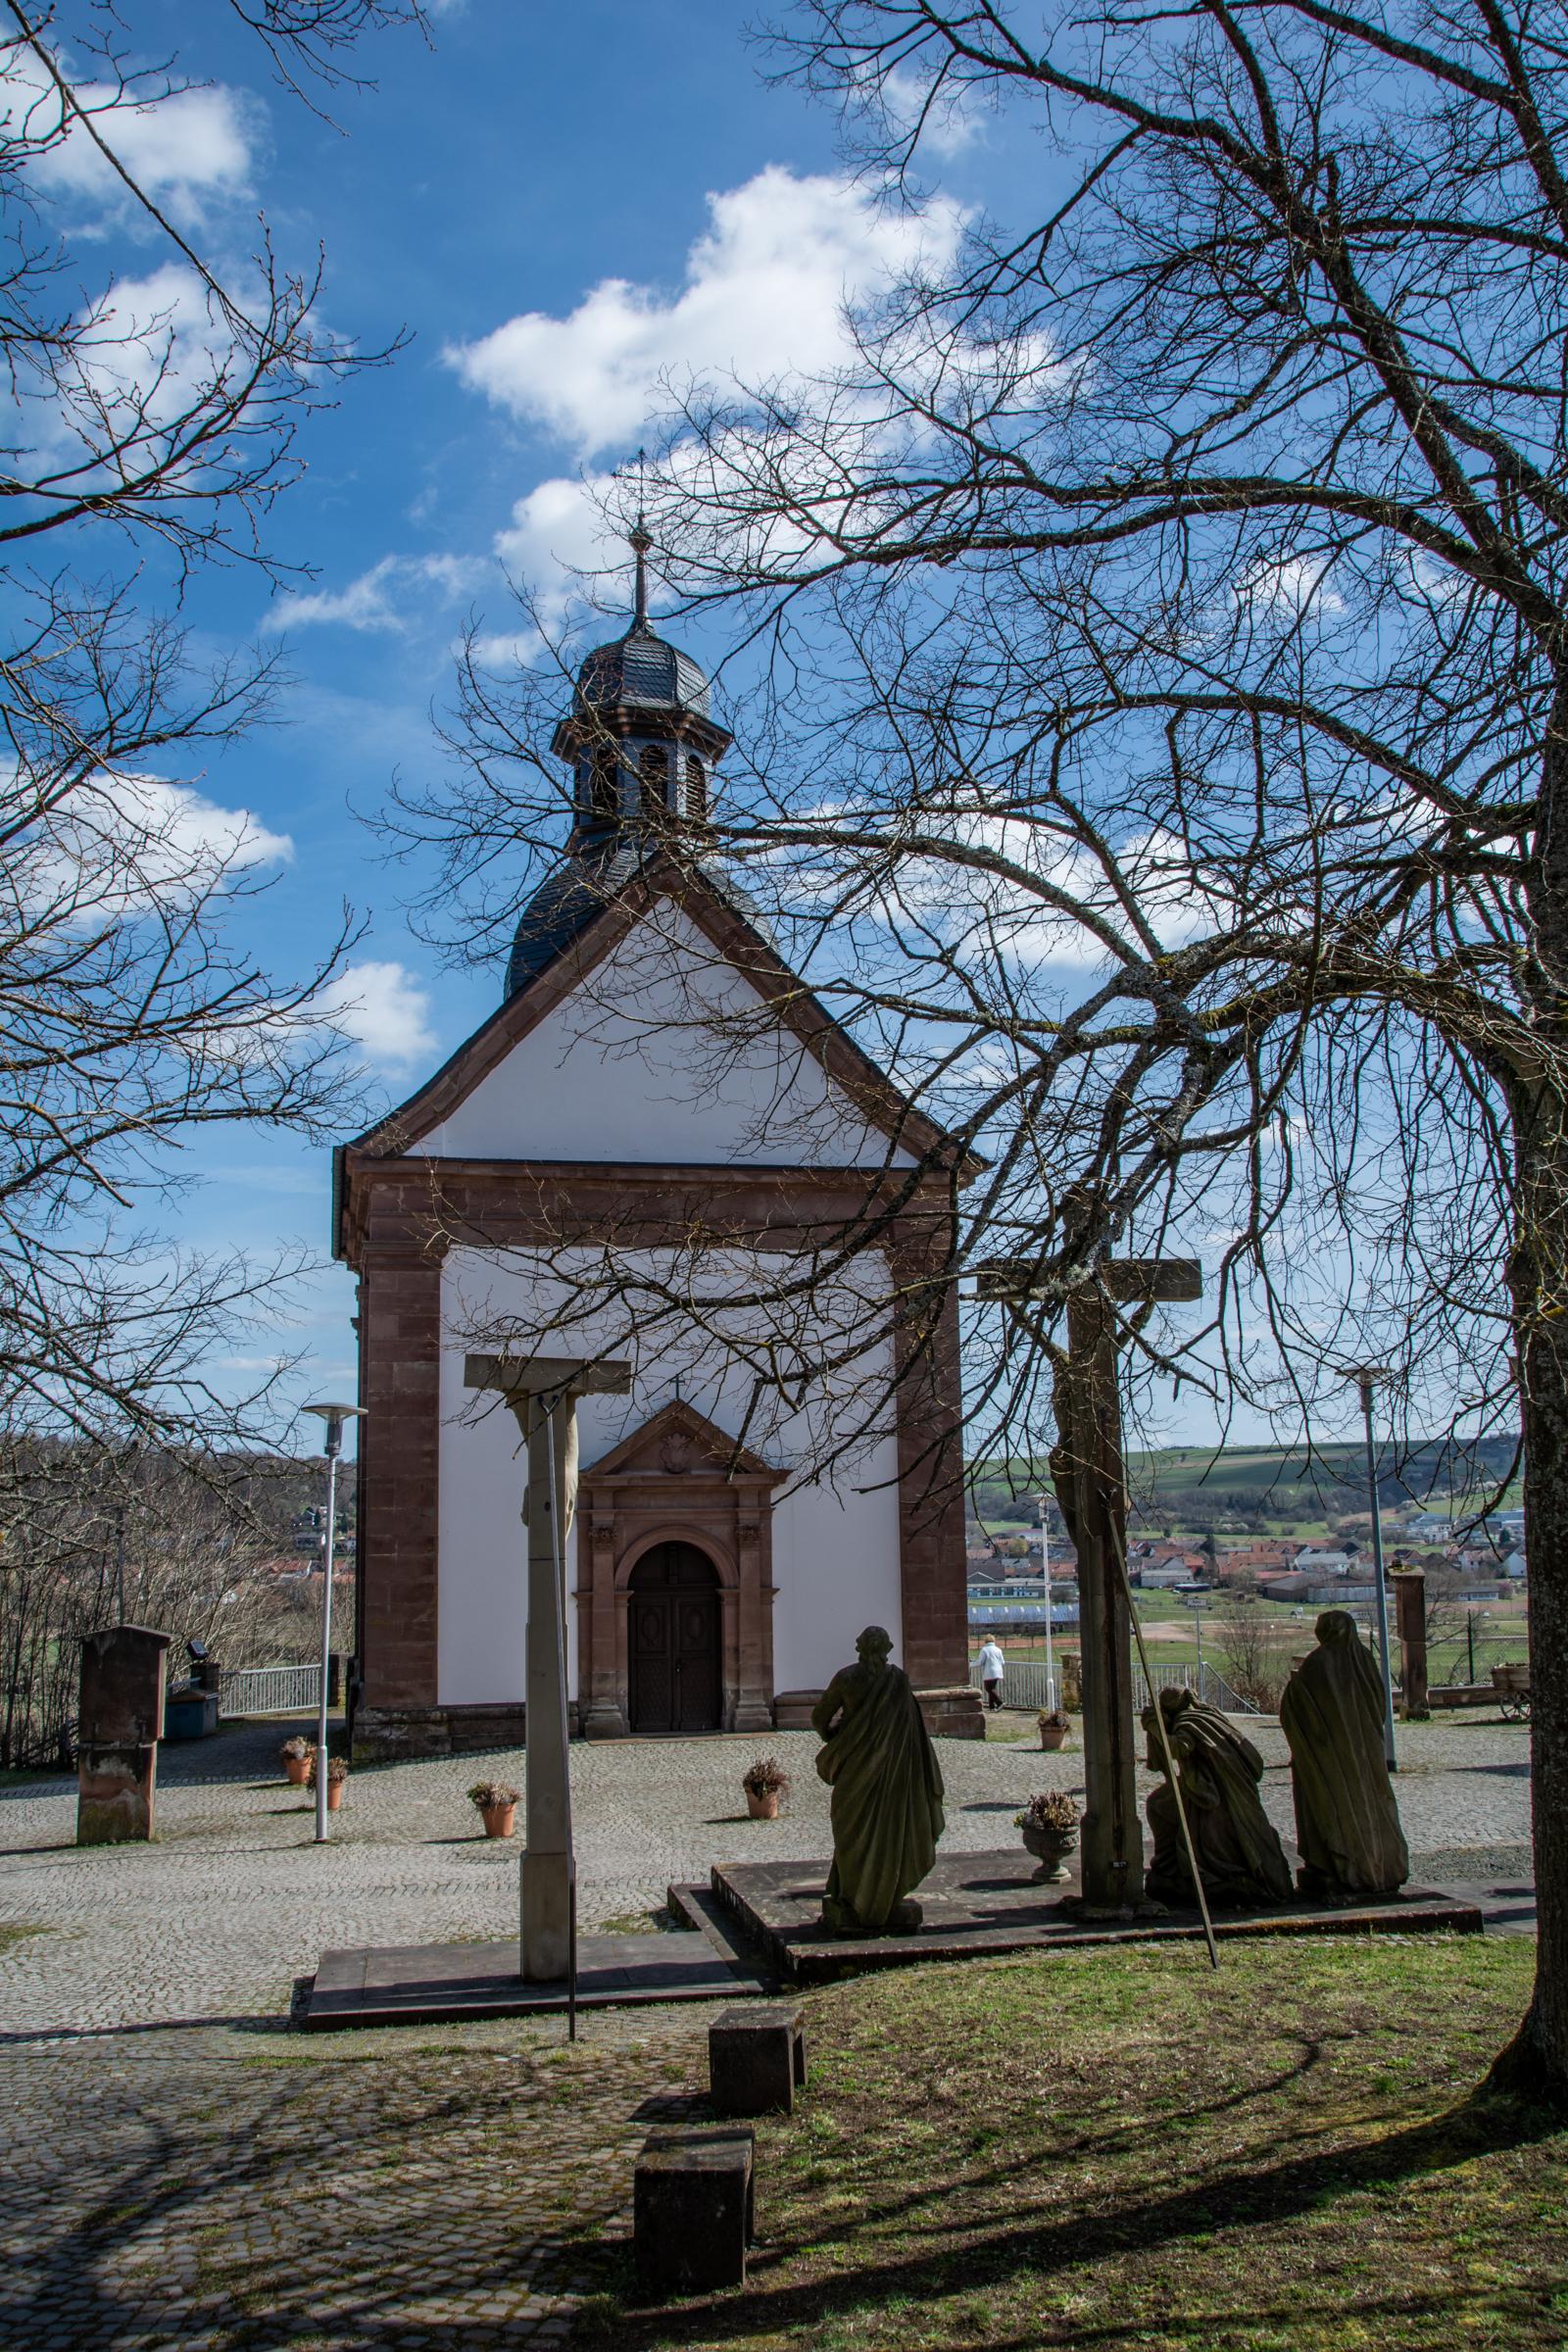 historischer Wanderpfad   Winterberg-Elkeringhausen   Nordrhein-Westfalen   NRW   Sauerland